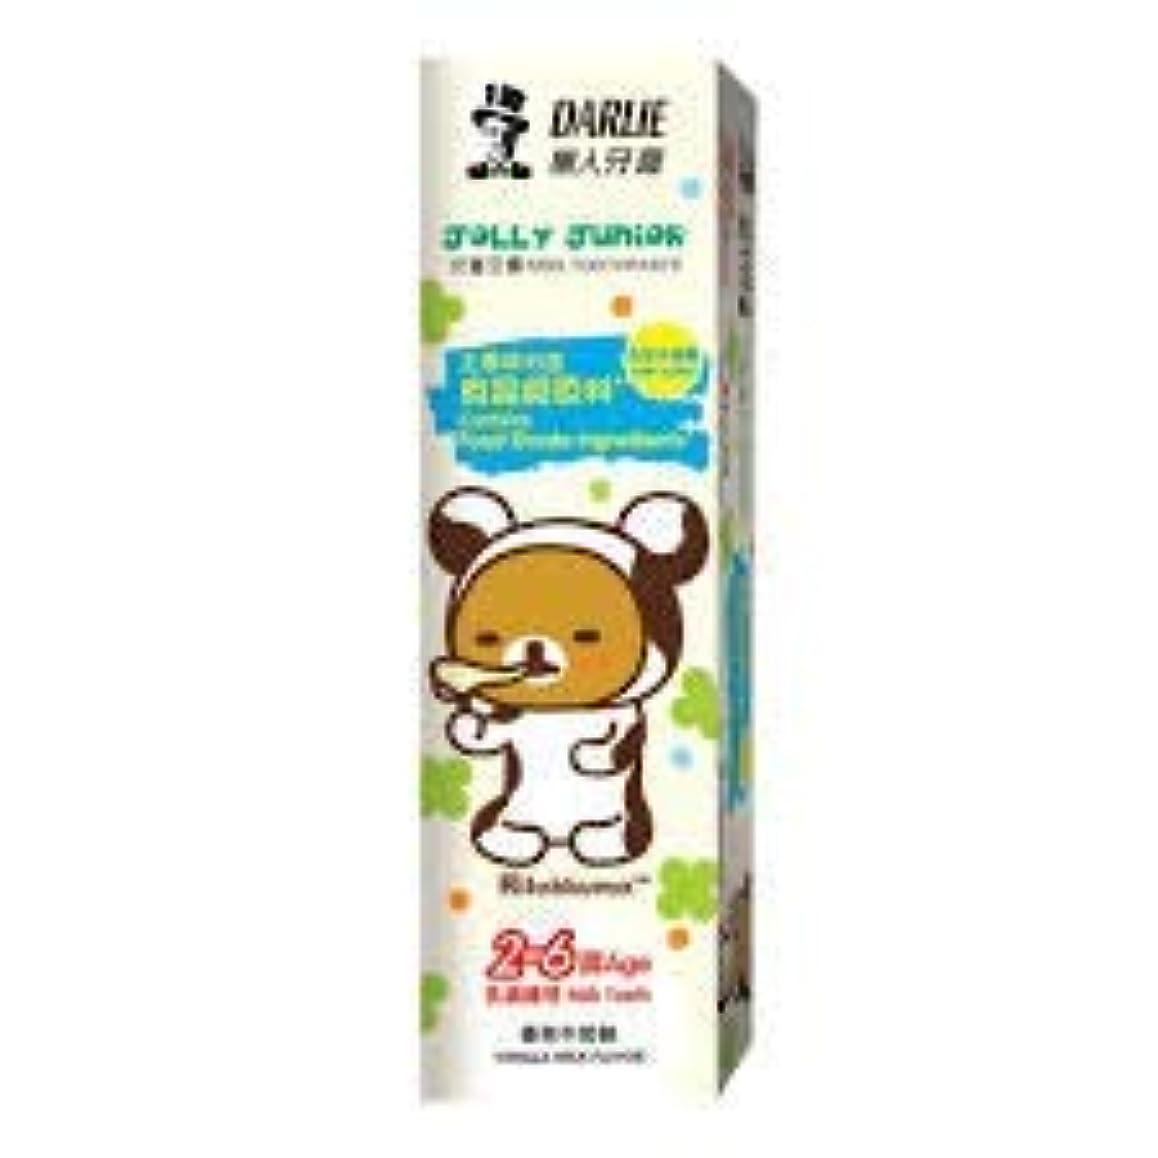 知人乱気流農奴DARLIE ハッピーティーンエイジャーの歯磨き粉2-6歳歯磨き粉60グラムバニラミルクは - 虫歯を防ぐためにキシリトールを含む、ミルクの歯と準備して子供たちに仕出し料理されます